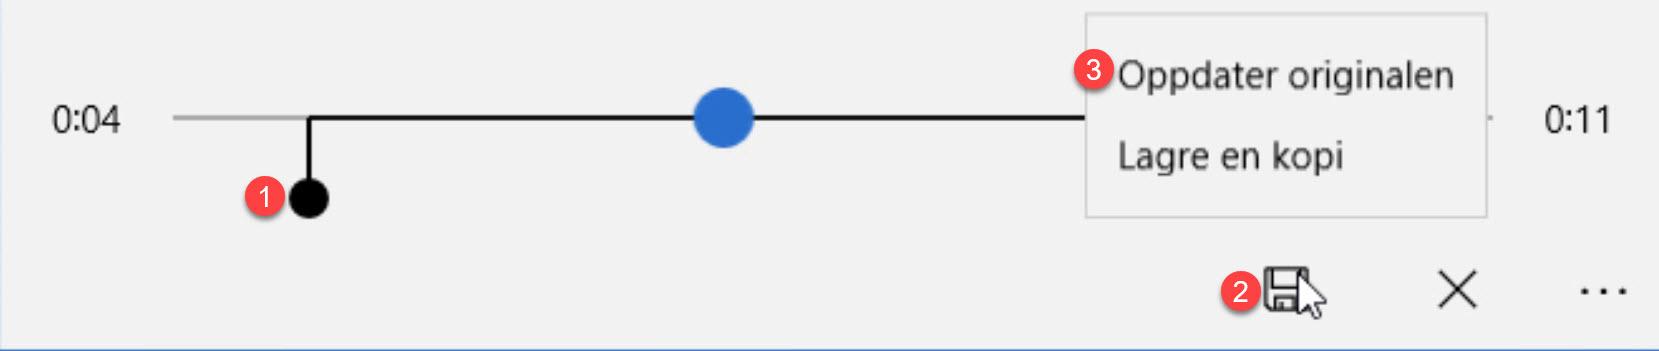 Slik lager du taleopptak til tilbud GRATIS i Windows 10 7